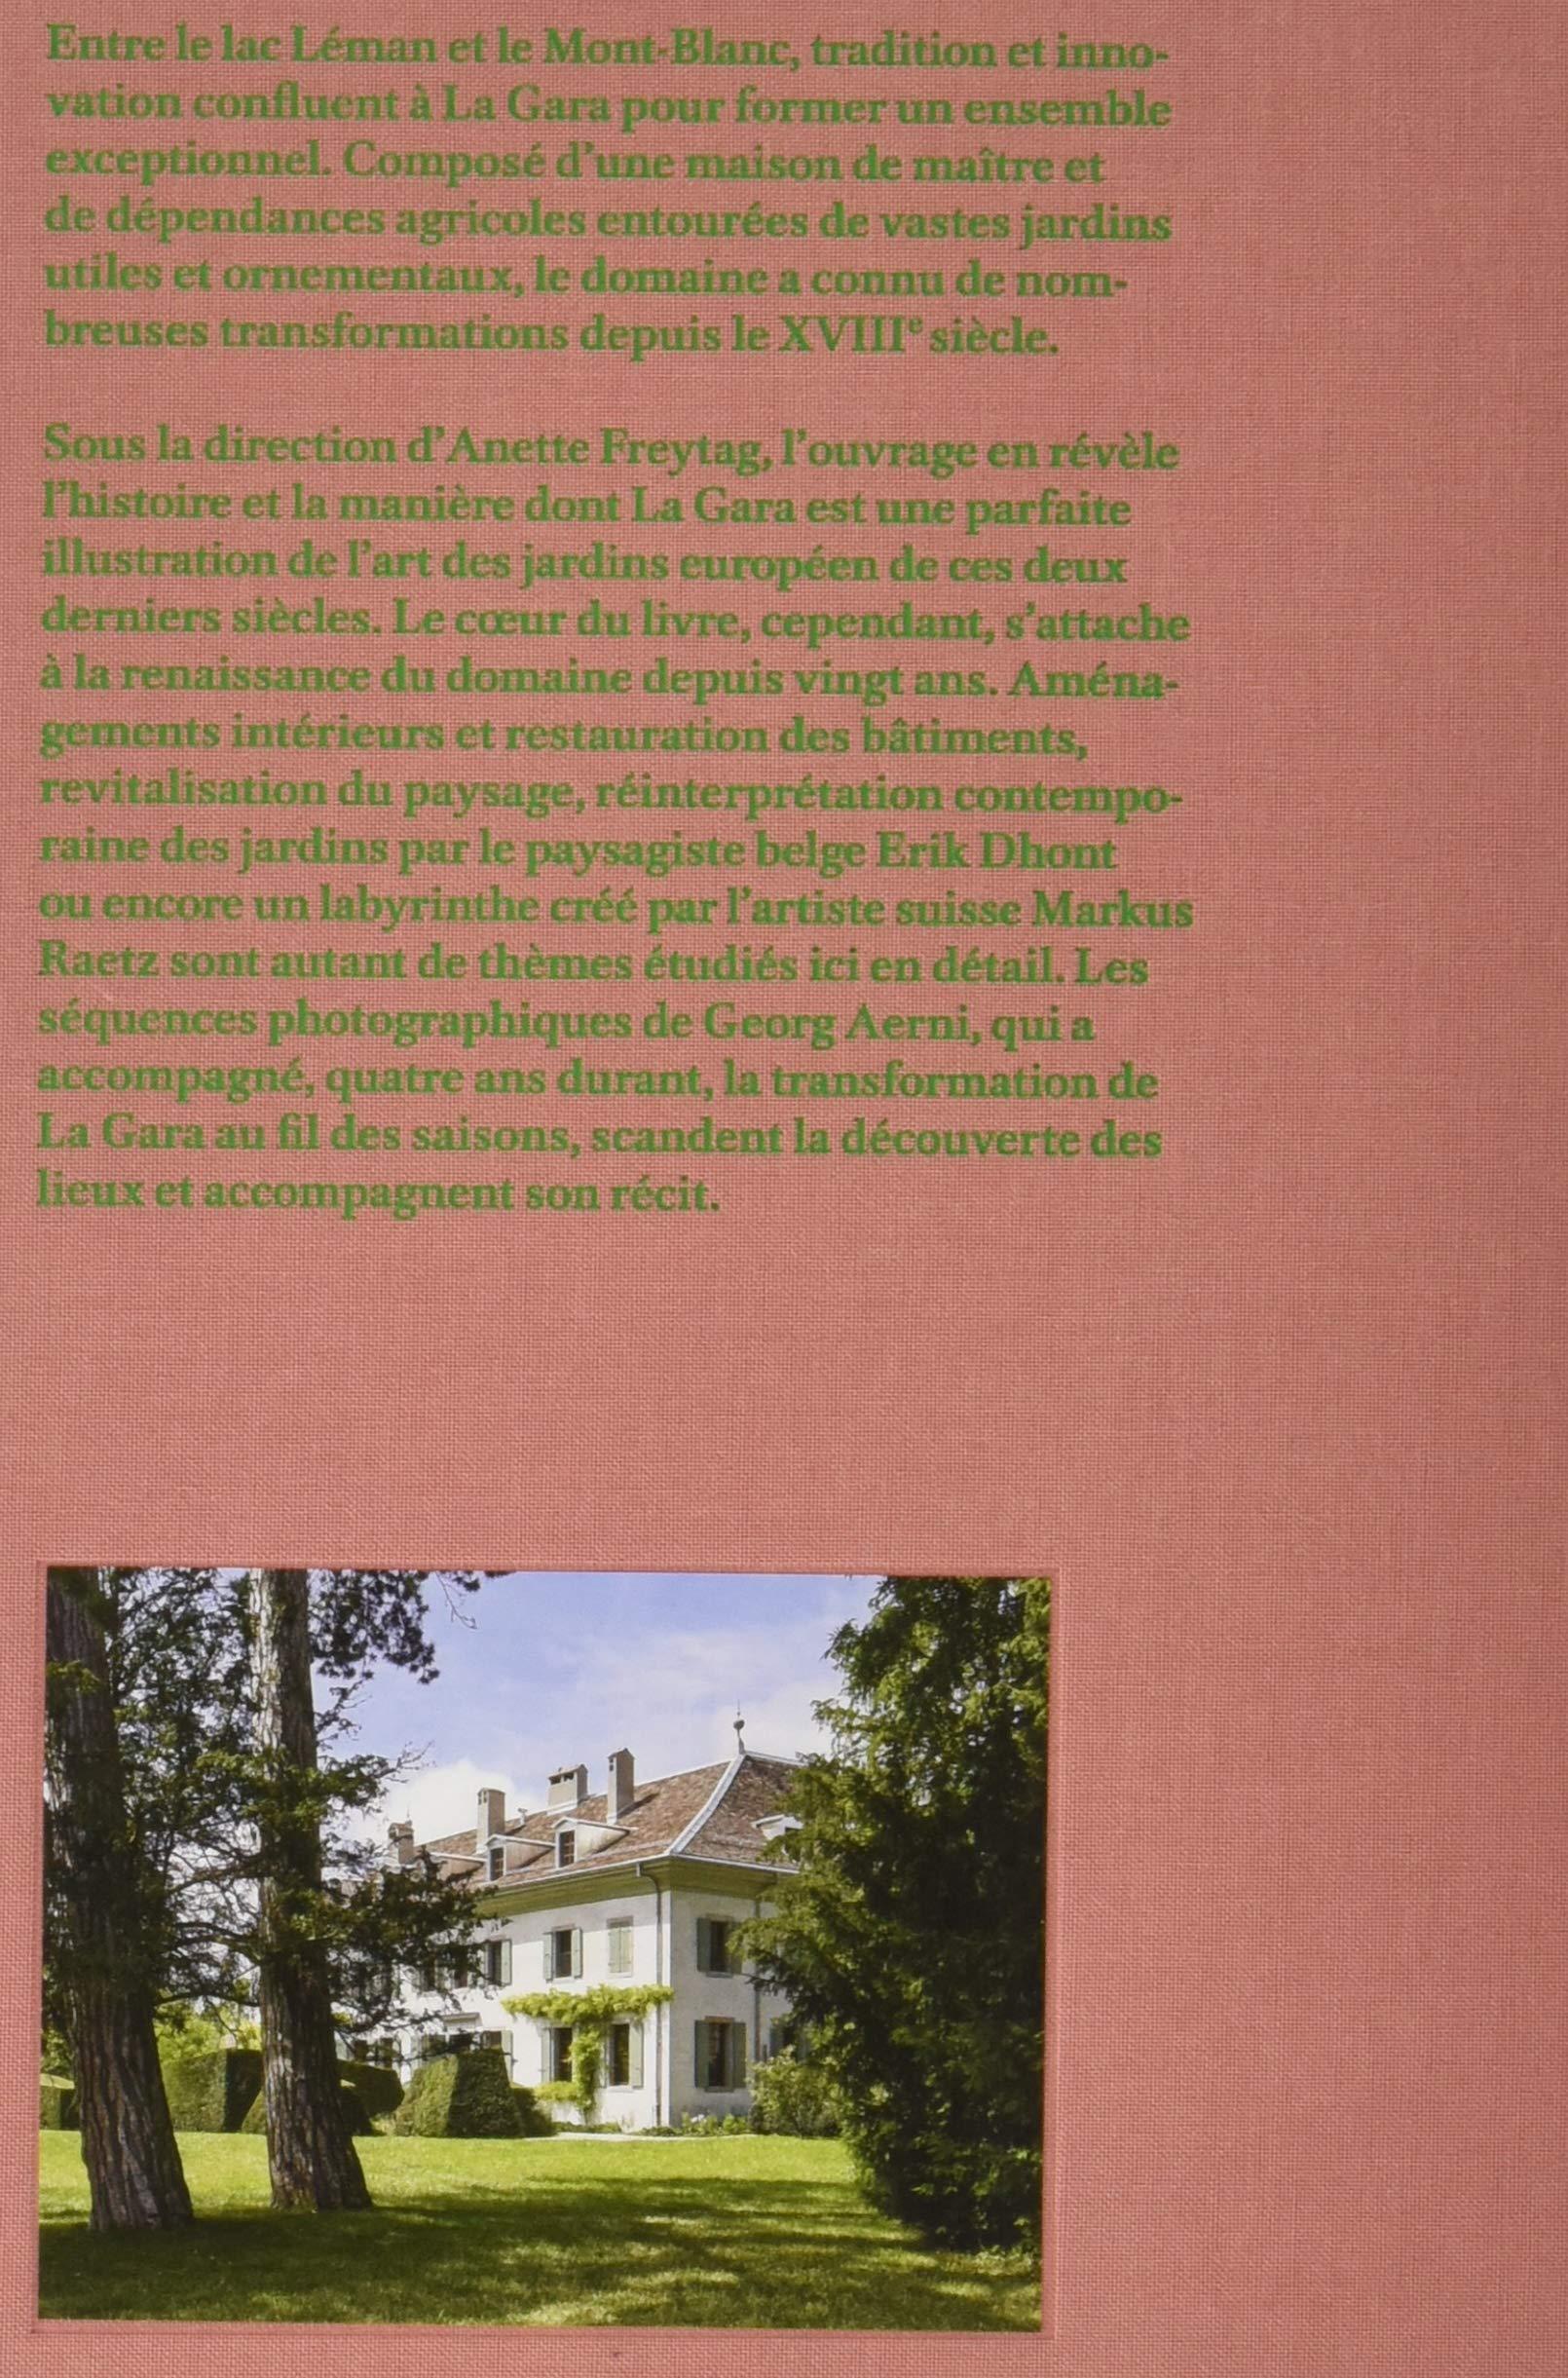 Les Jardins de La Gara: Un domaine genevois du XVIIIè siècle avec des  jardins d'Erik Dhont: Amazon.co.uk: Anette Freytag: Books